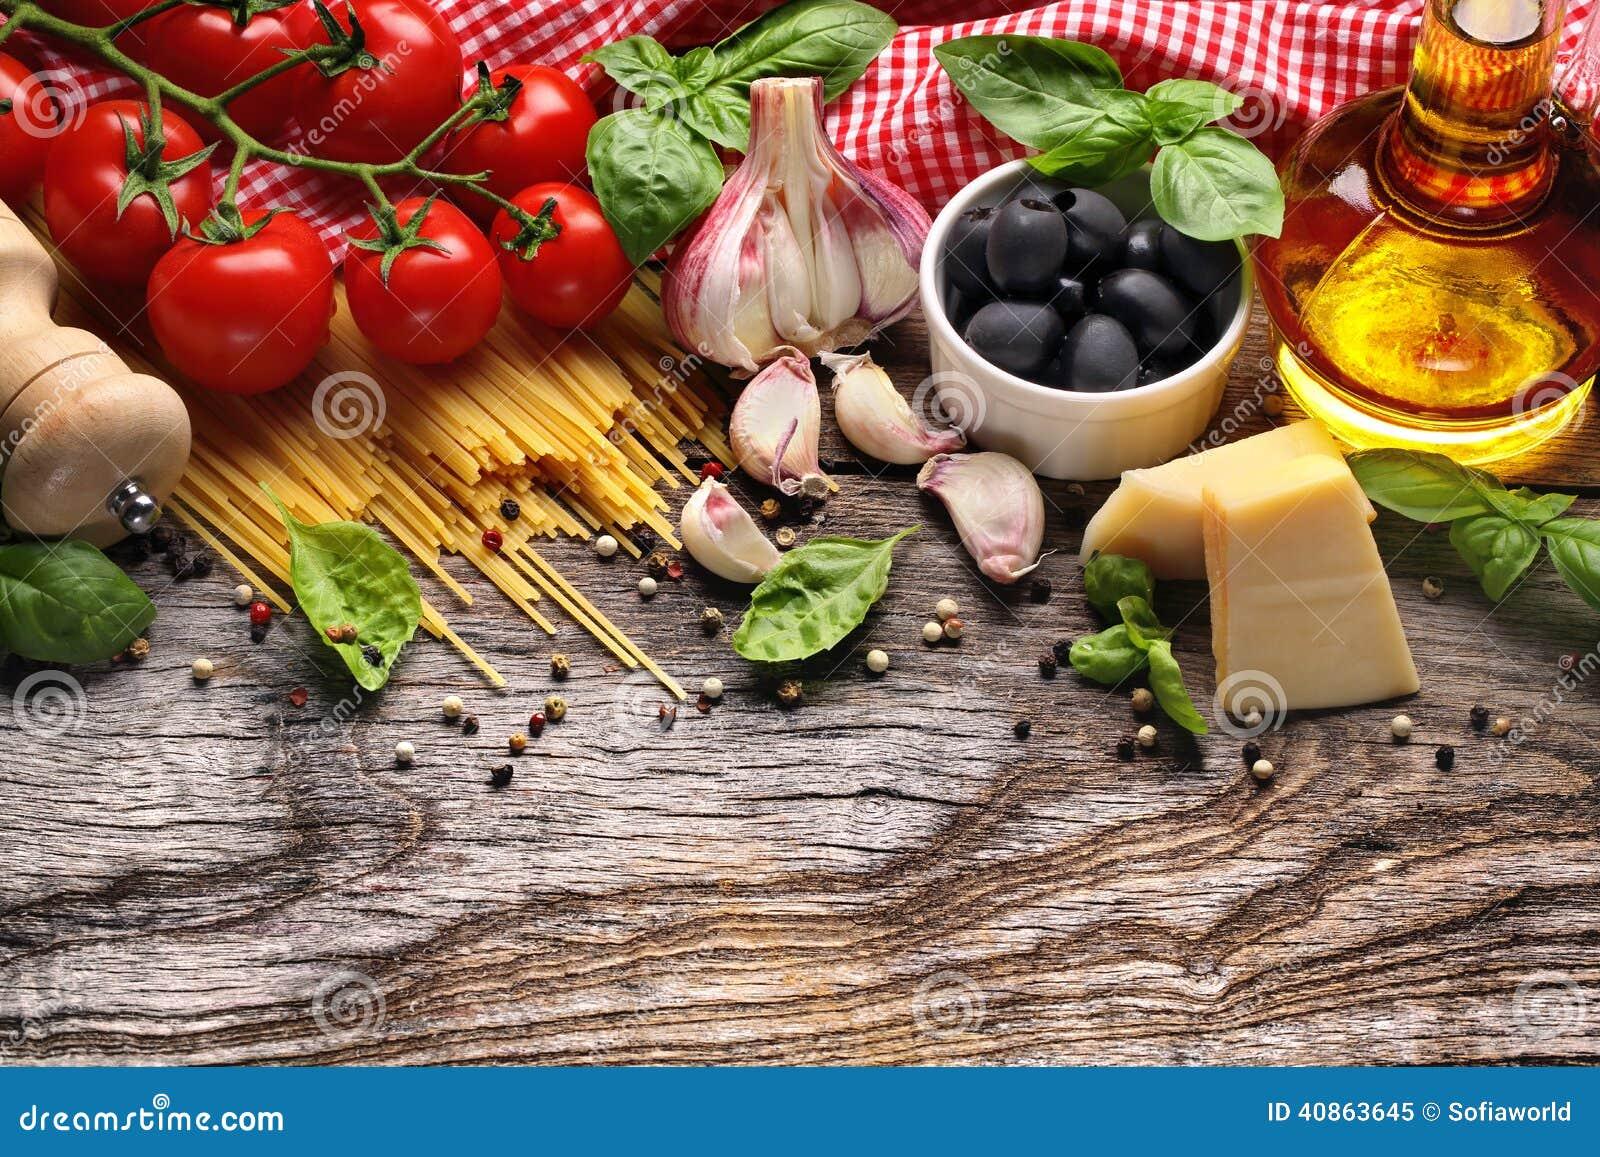 菜、草本和香料意大利食物的